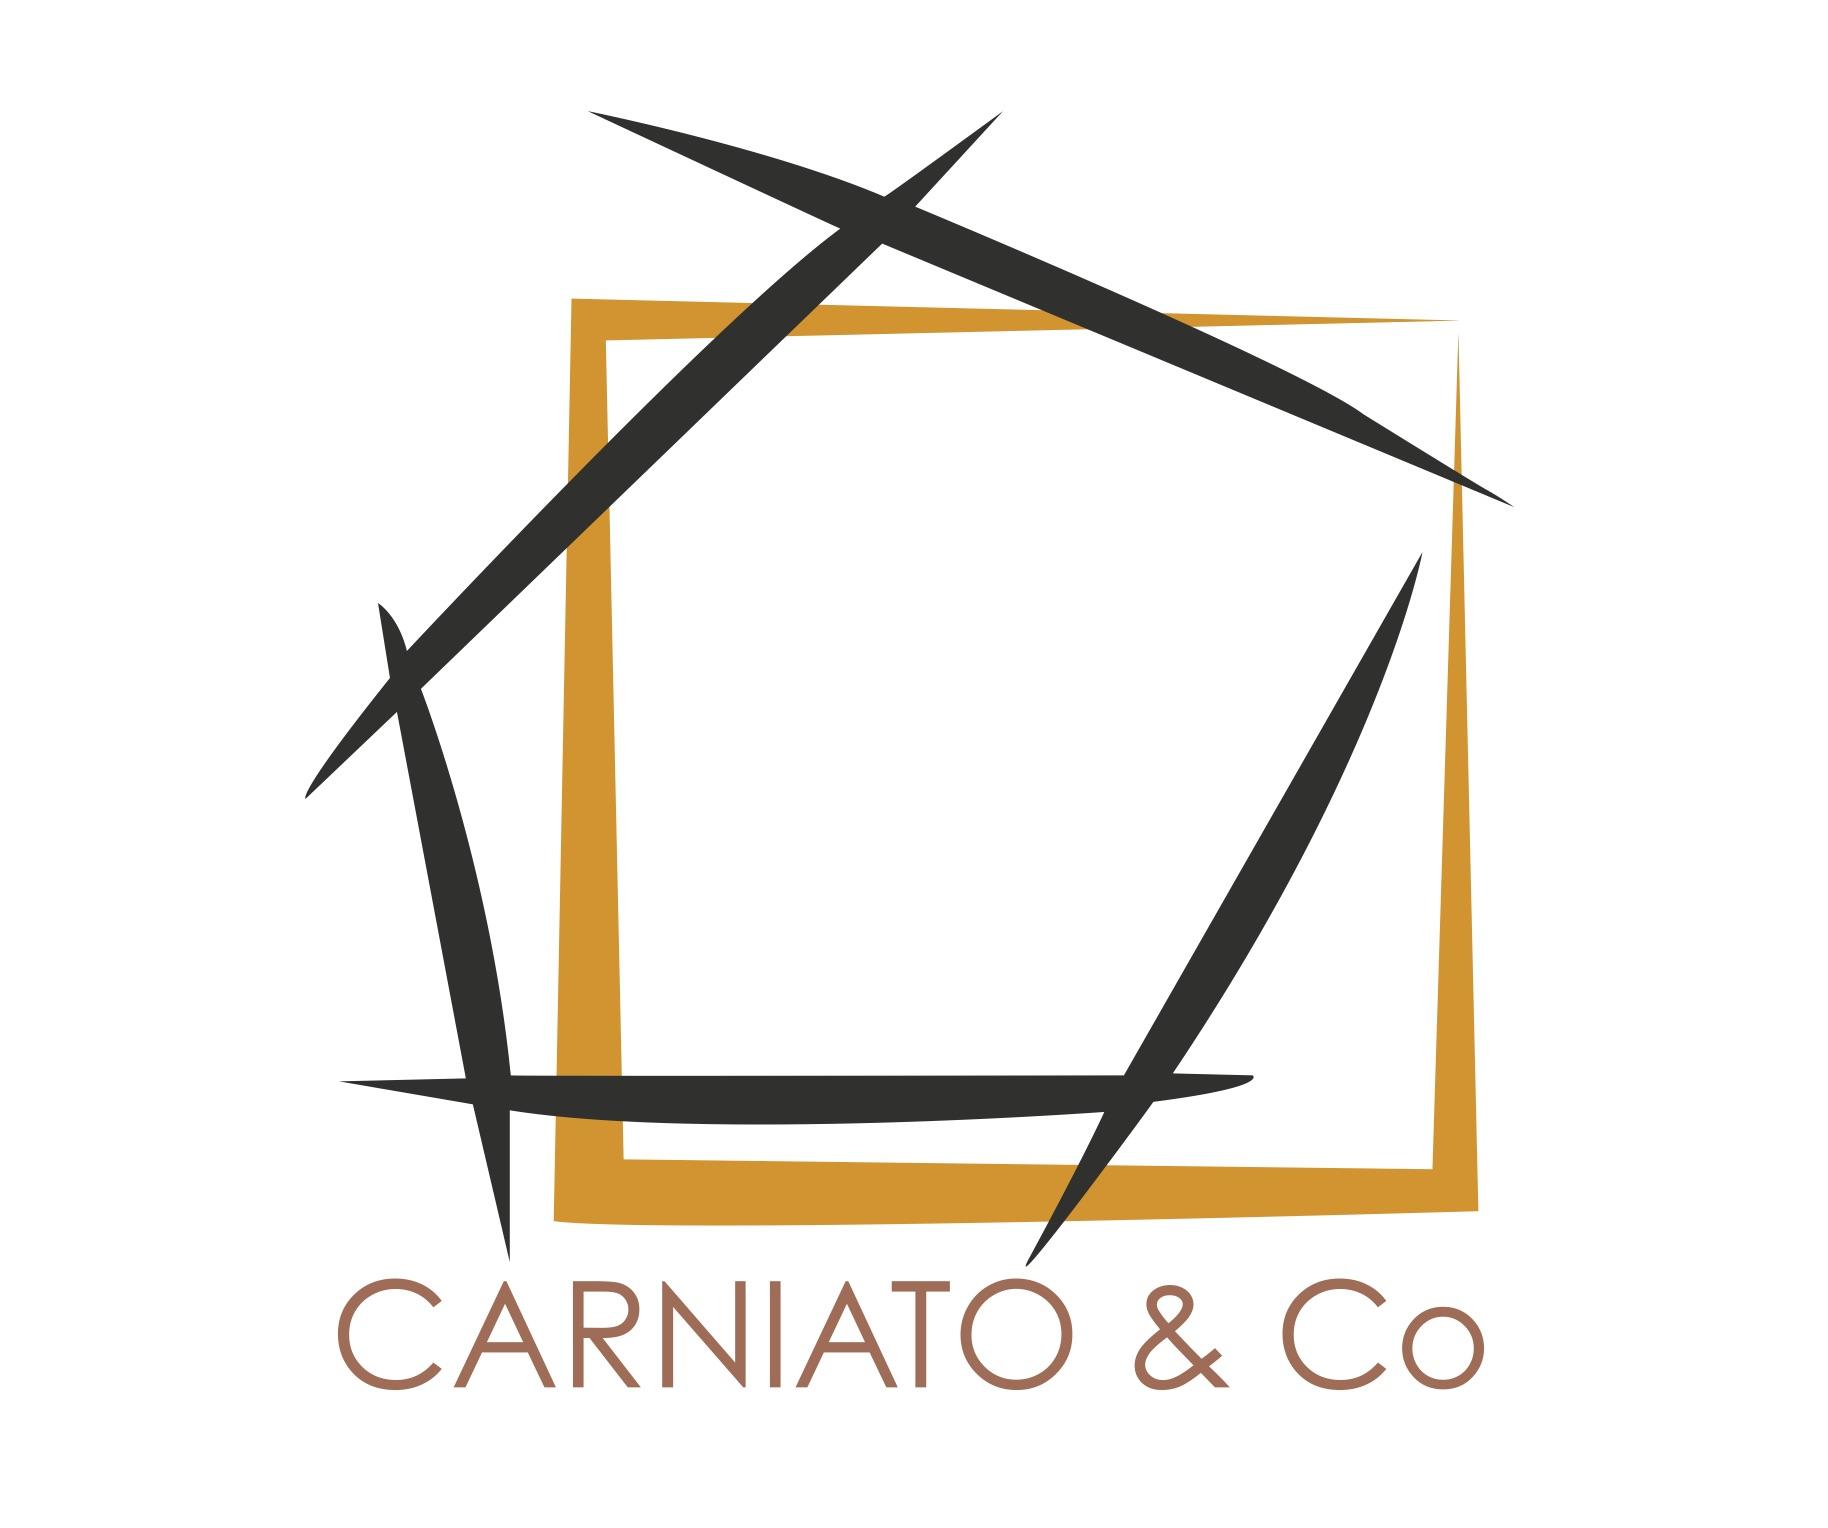 Carniato_OK